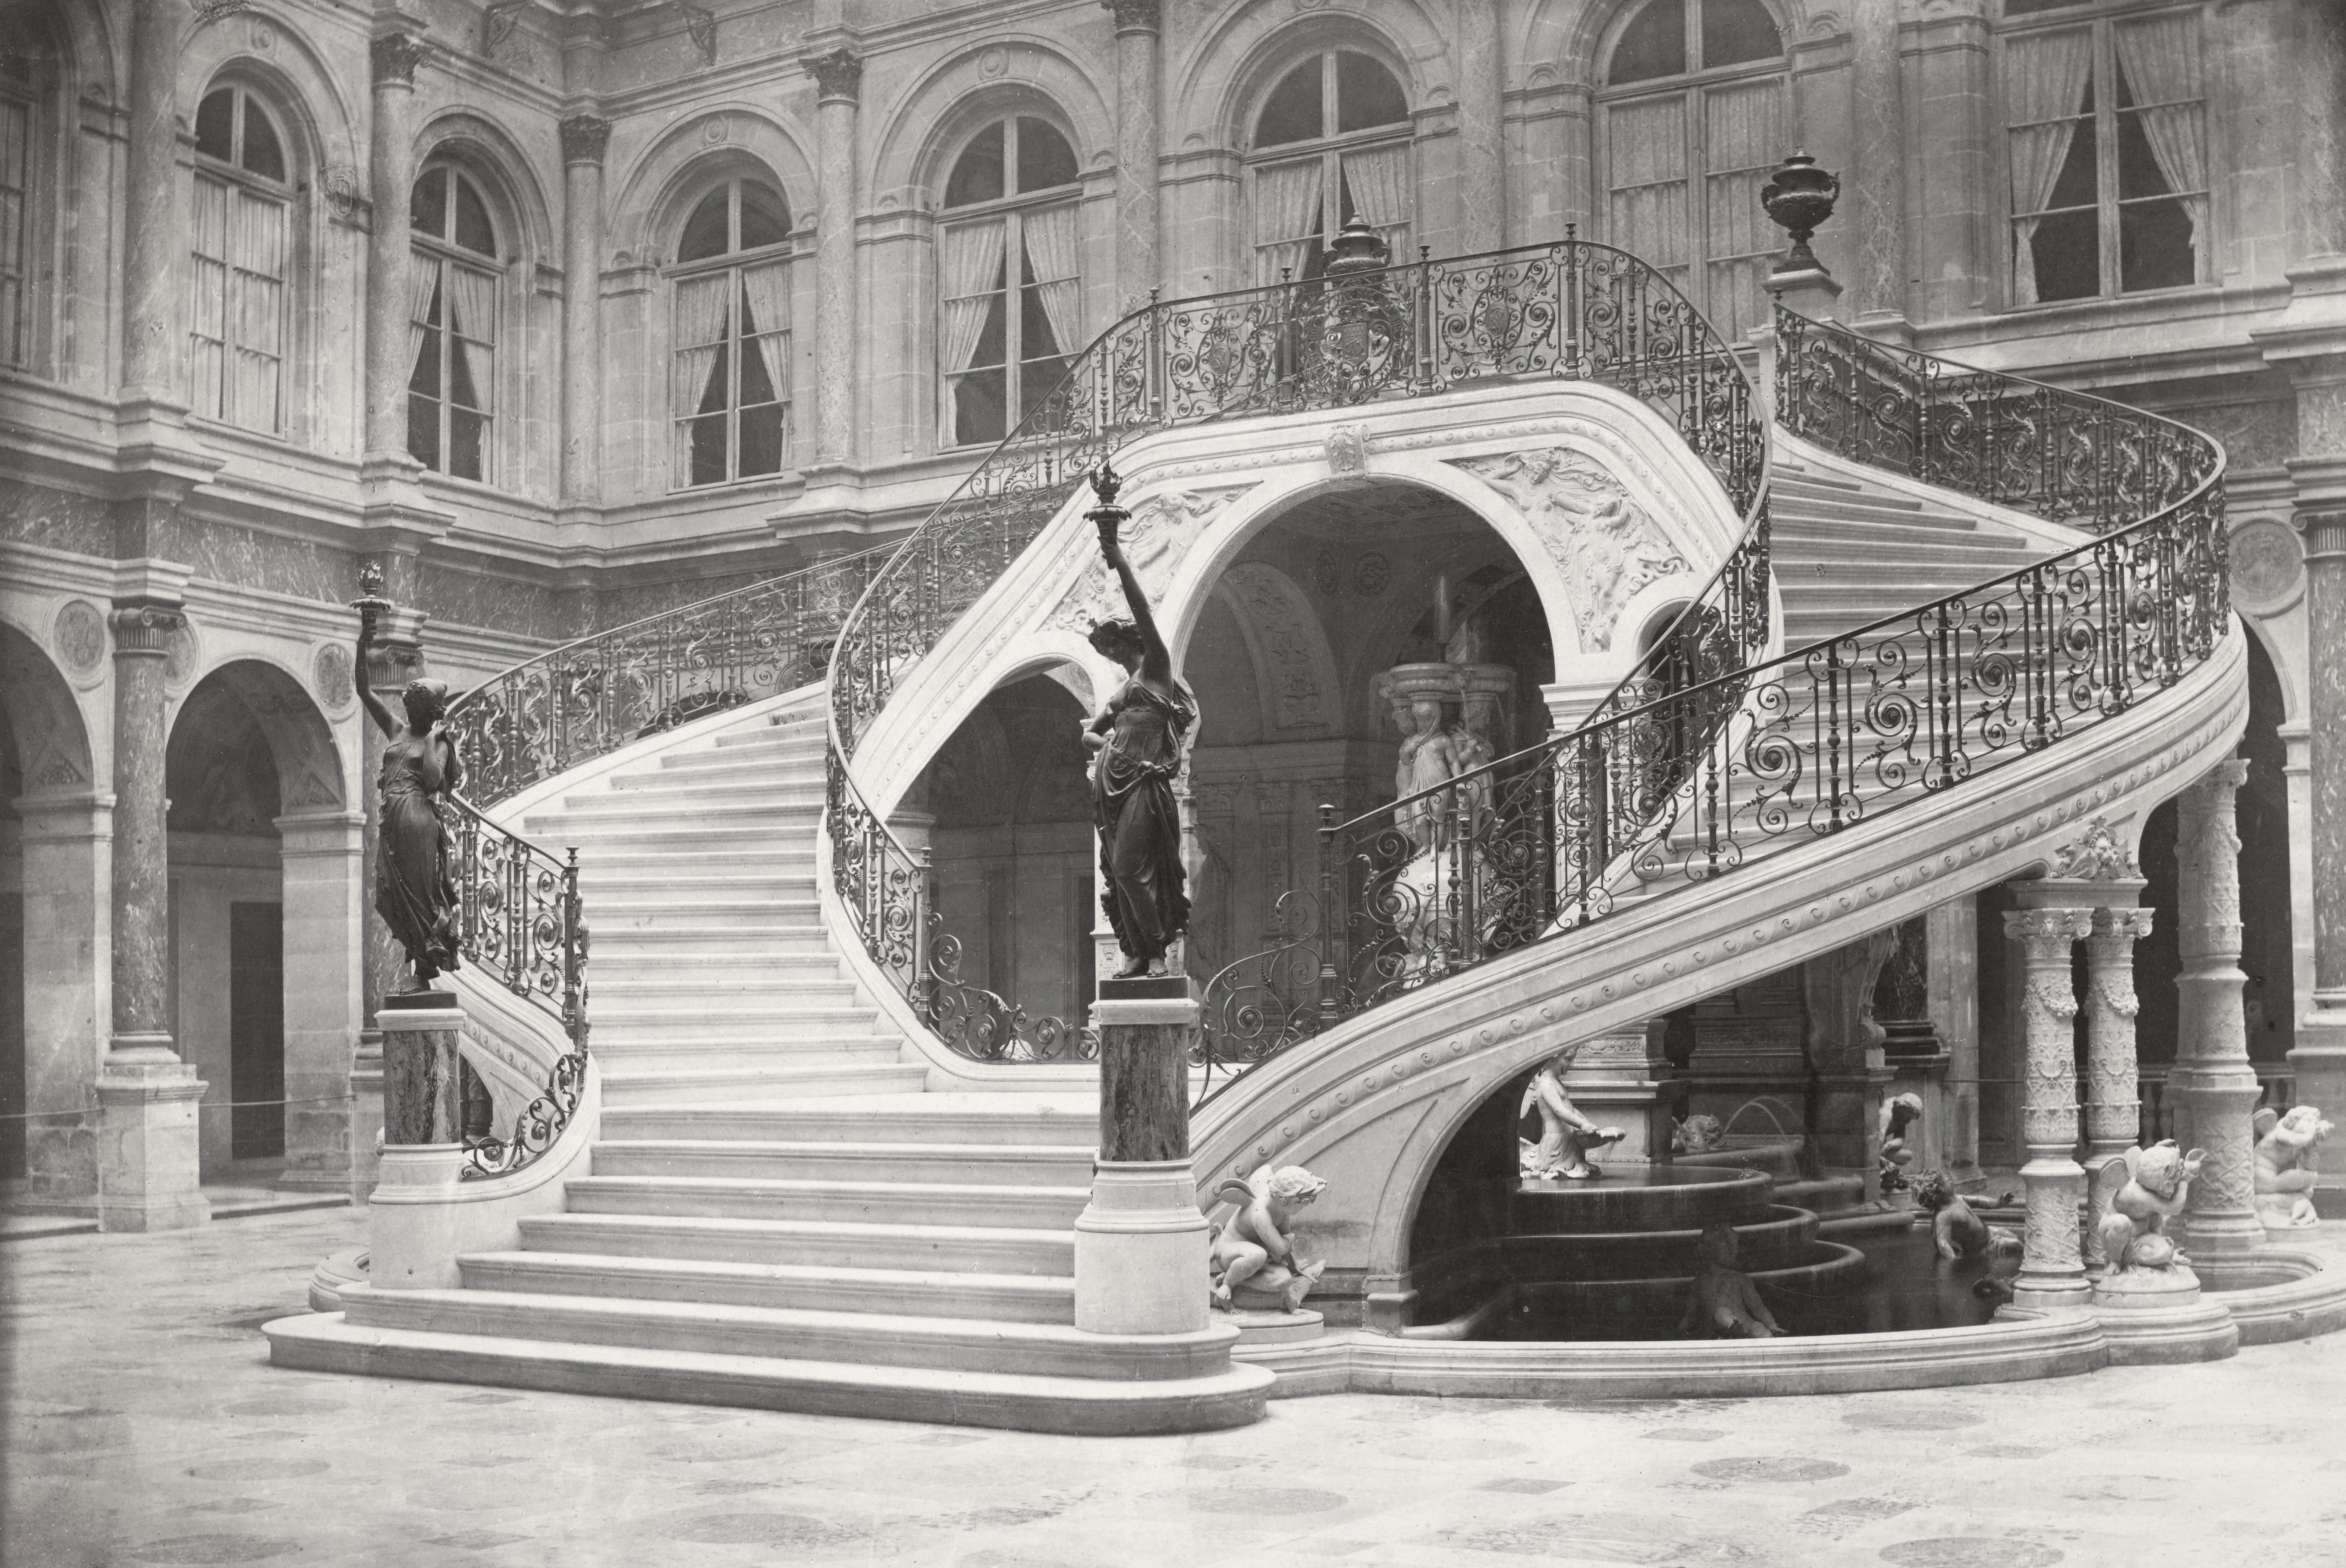 file charles marville ancien h tel de ville escalier de la cour louis xiv 2 ca 1853. Black Bedroom Furniture Sets. Home Design Ideas